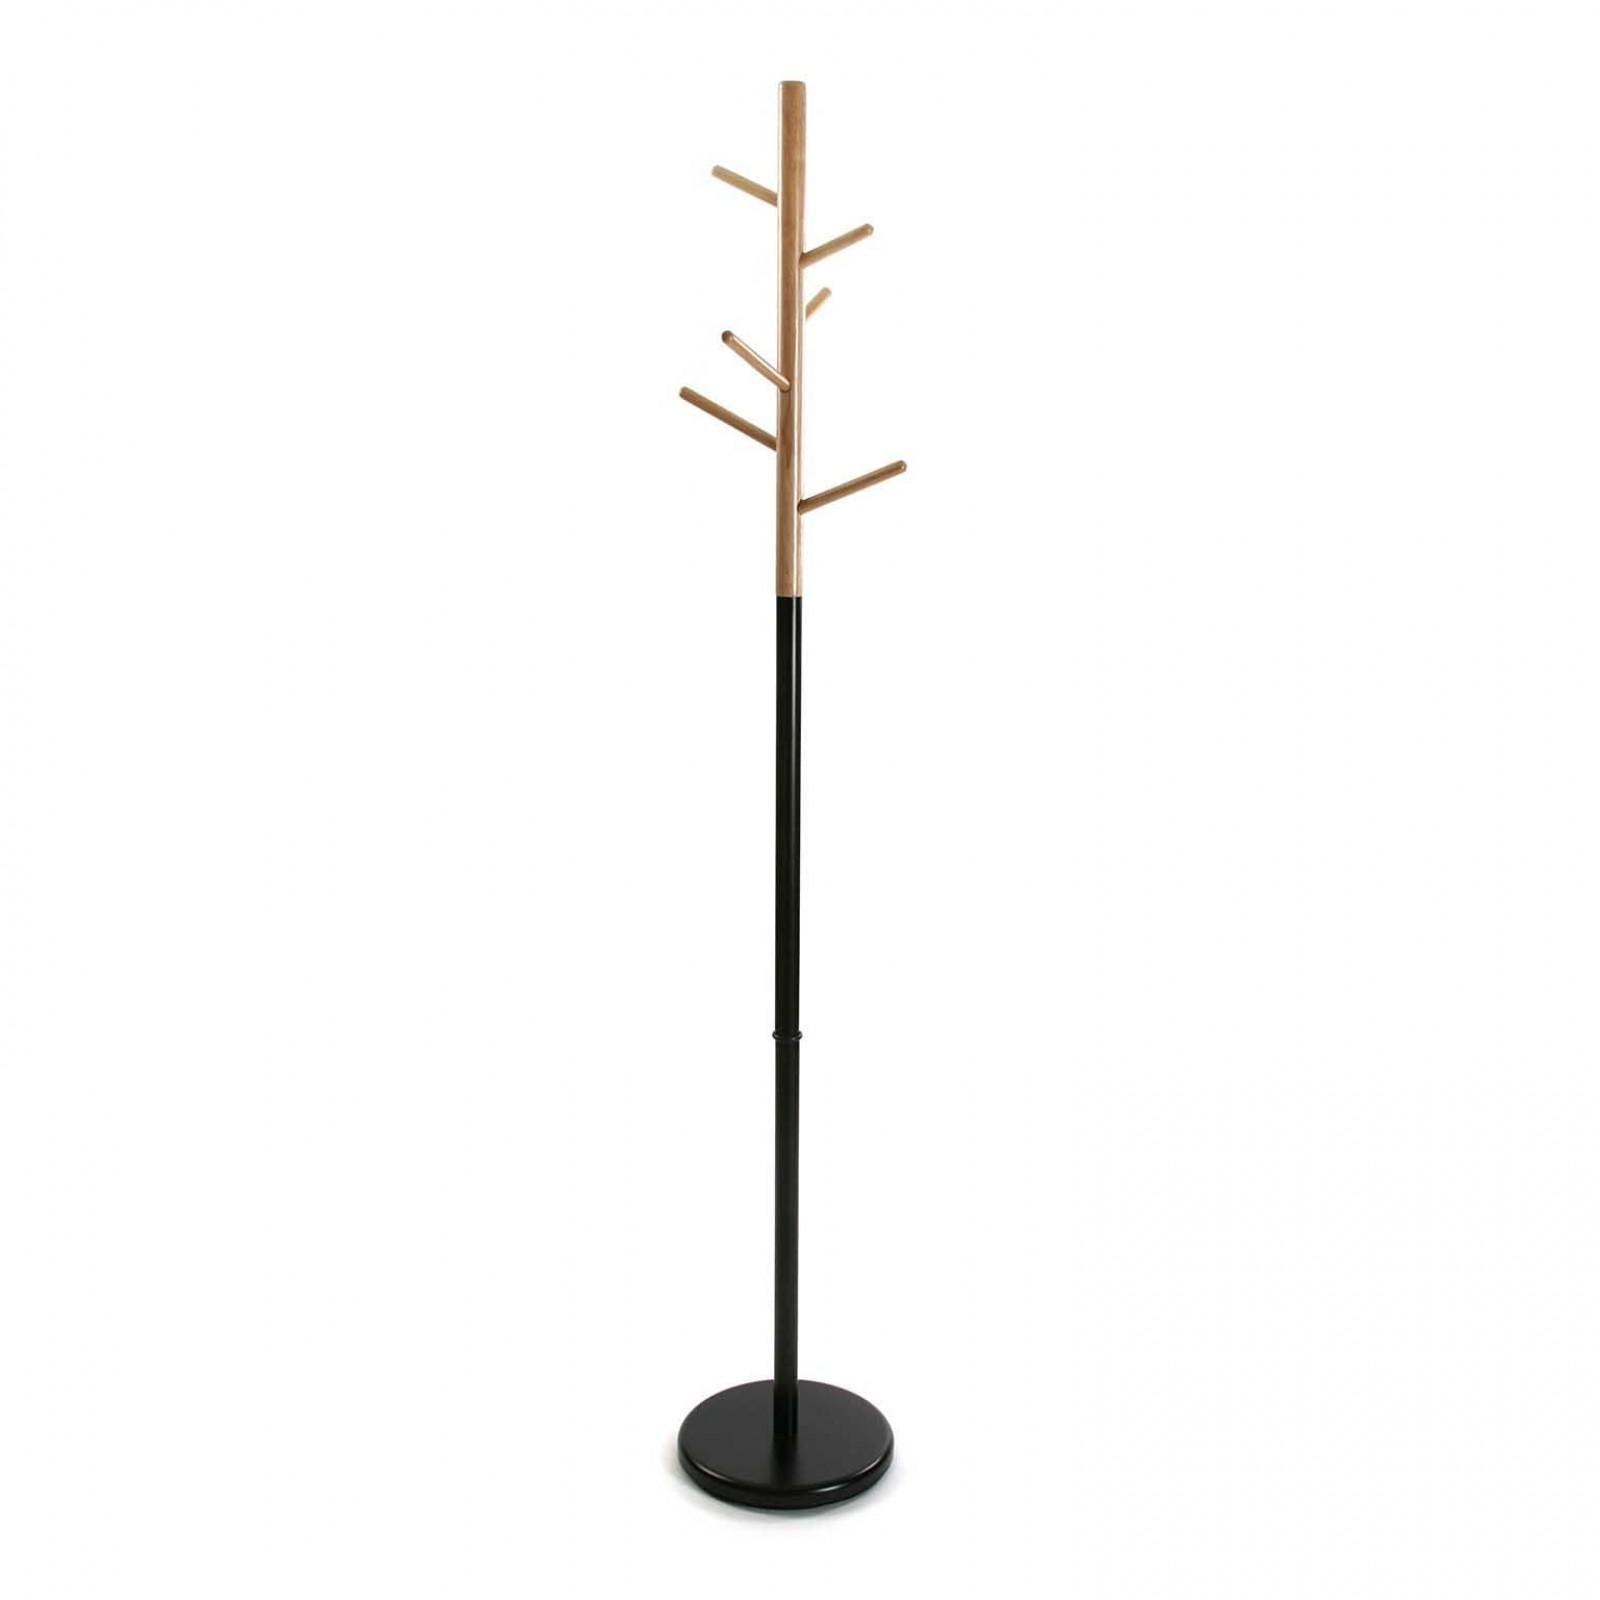 Καλόγερος Ρούχων Tree (Μέταλο / Ξύλο) - Versa